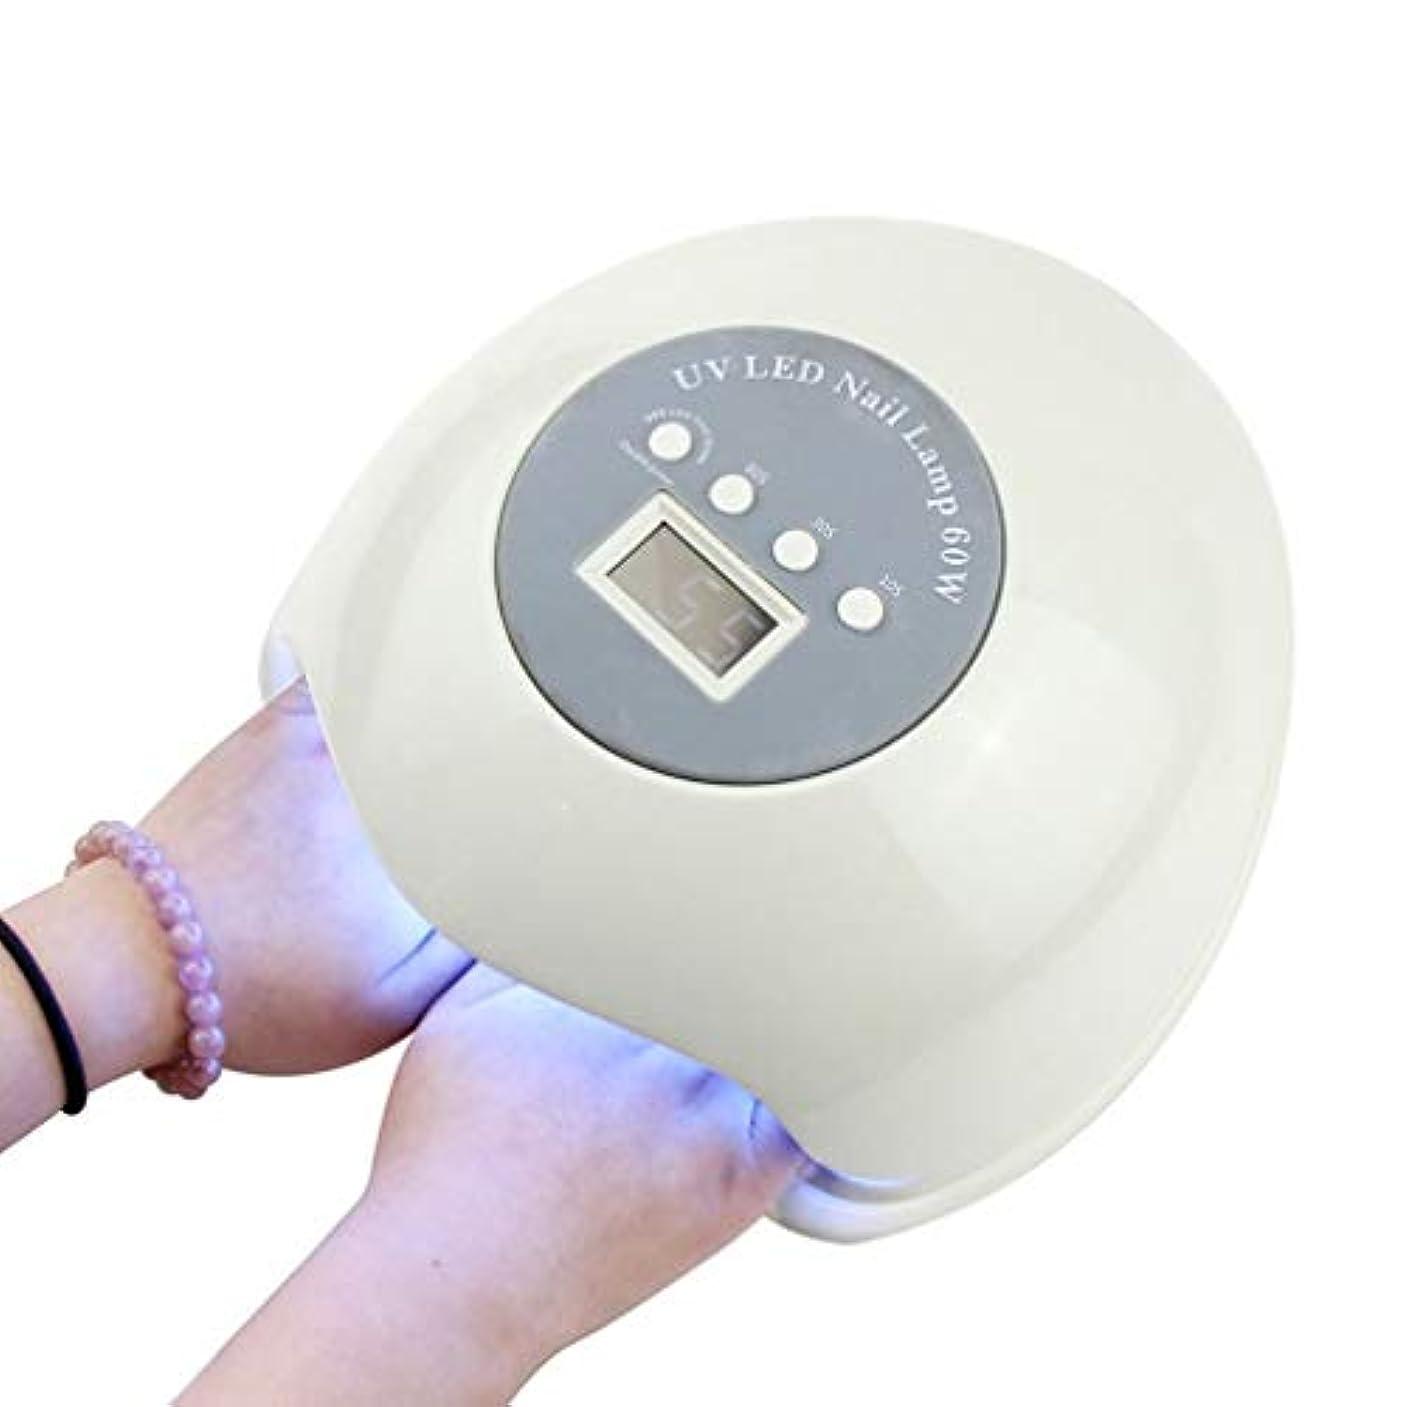 アダルト世論調査がっかりしたハイパワーインテリジェントUV/LEDネイルライト、ネイルジェル硬化ライト、99秒無痛モード、赤外線センサー、取り外し可能、ネイルサロンツール